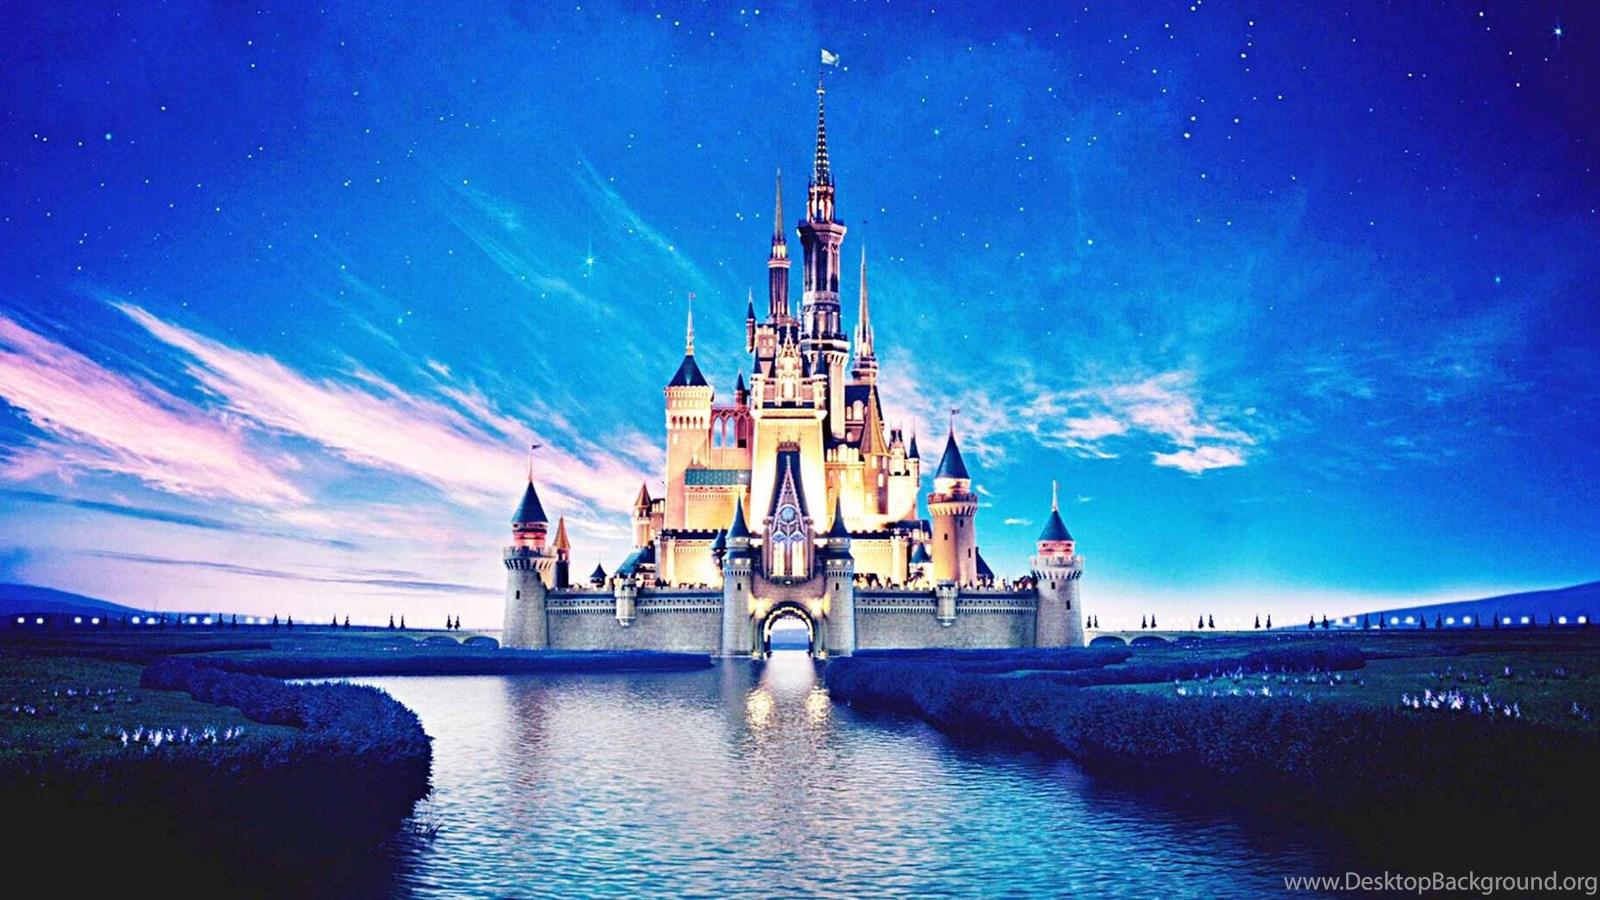 Gambar Wallpapers Disney Keren Hd Istana Desktop Background